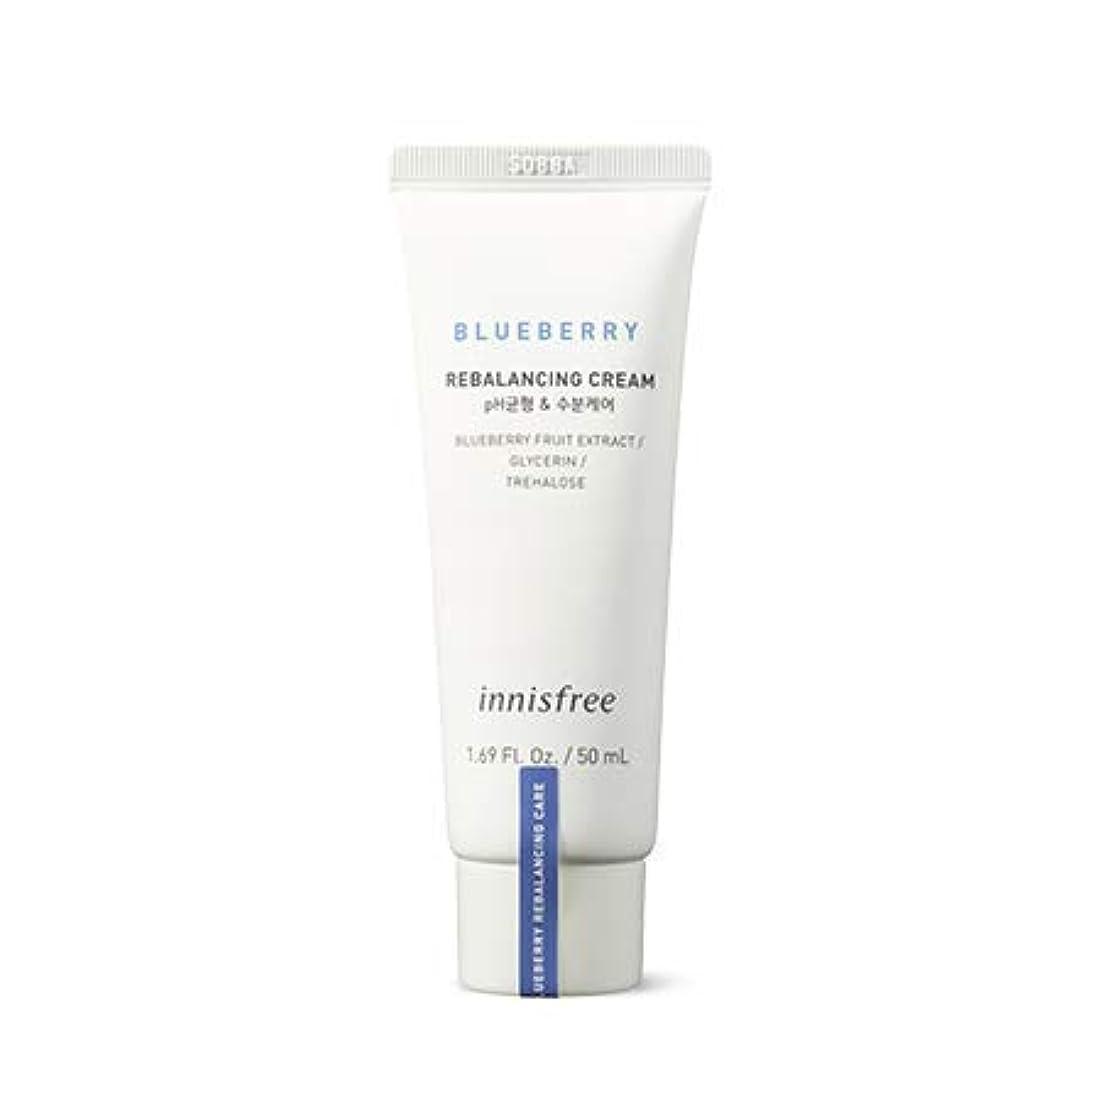 [イニスフリー.innisfree]ブルーベリーリバランシングクリーム50mL(2019新発売)/ Blueberry Rebalancing Cream